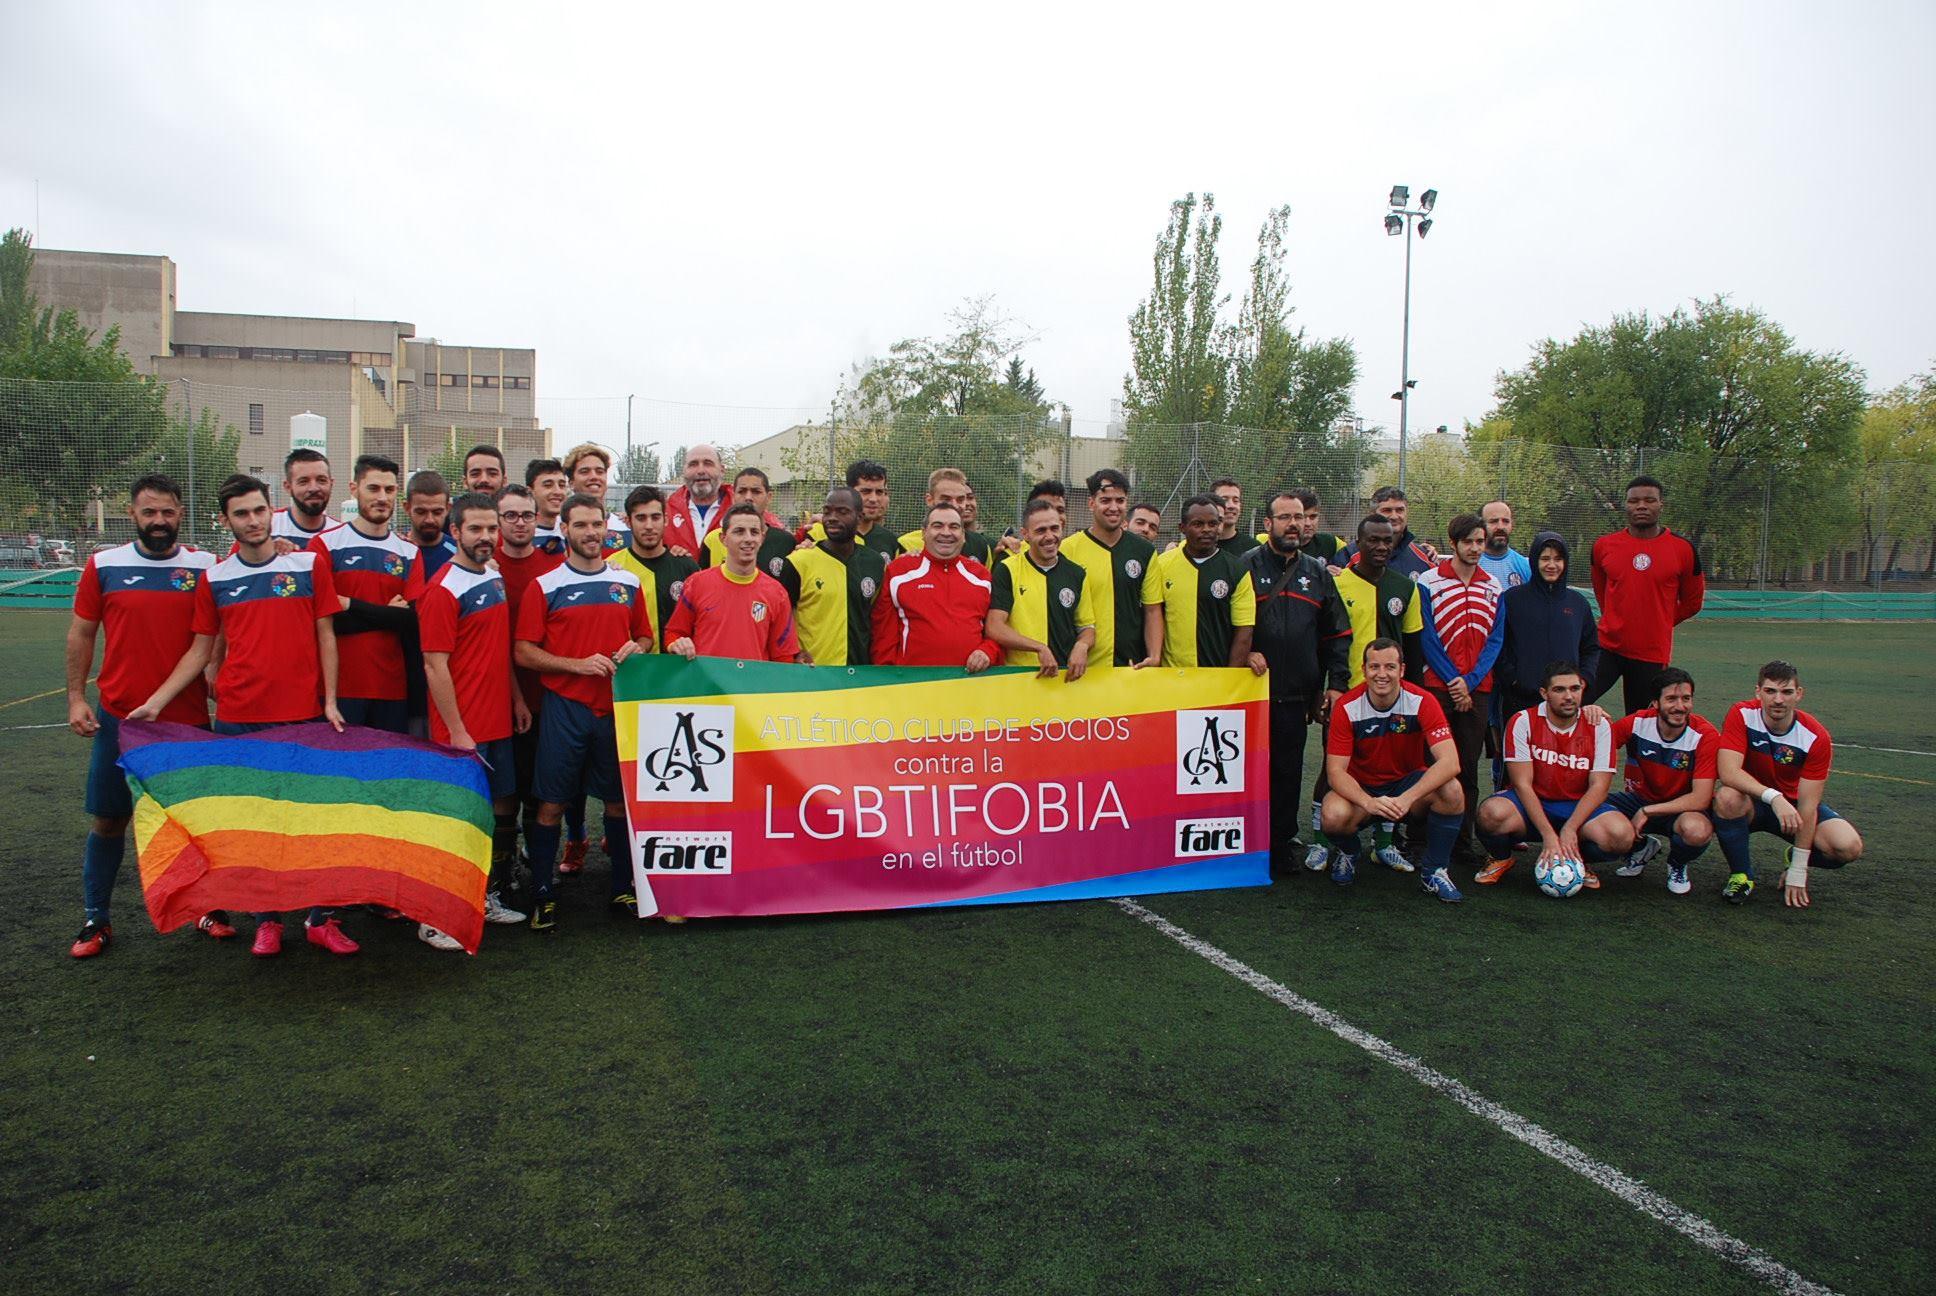 Partido de Fútbol 11 contra la LGTBIfobia